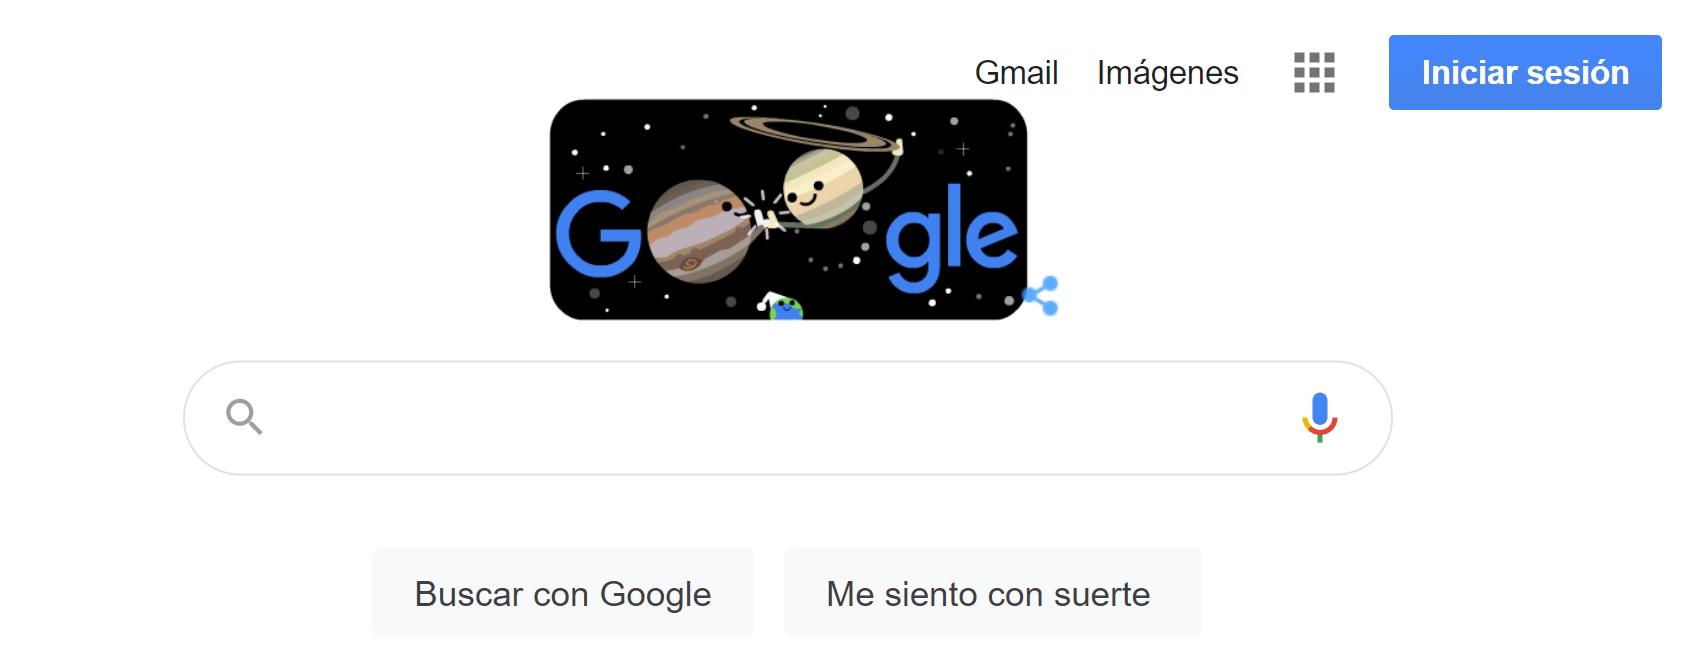 Goodle dedica su doodle a la gra conjunción de Júpiter y Saturno que coincide con el solsticio de verano en el hemisferio Sur